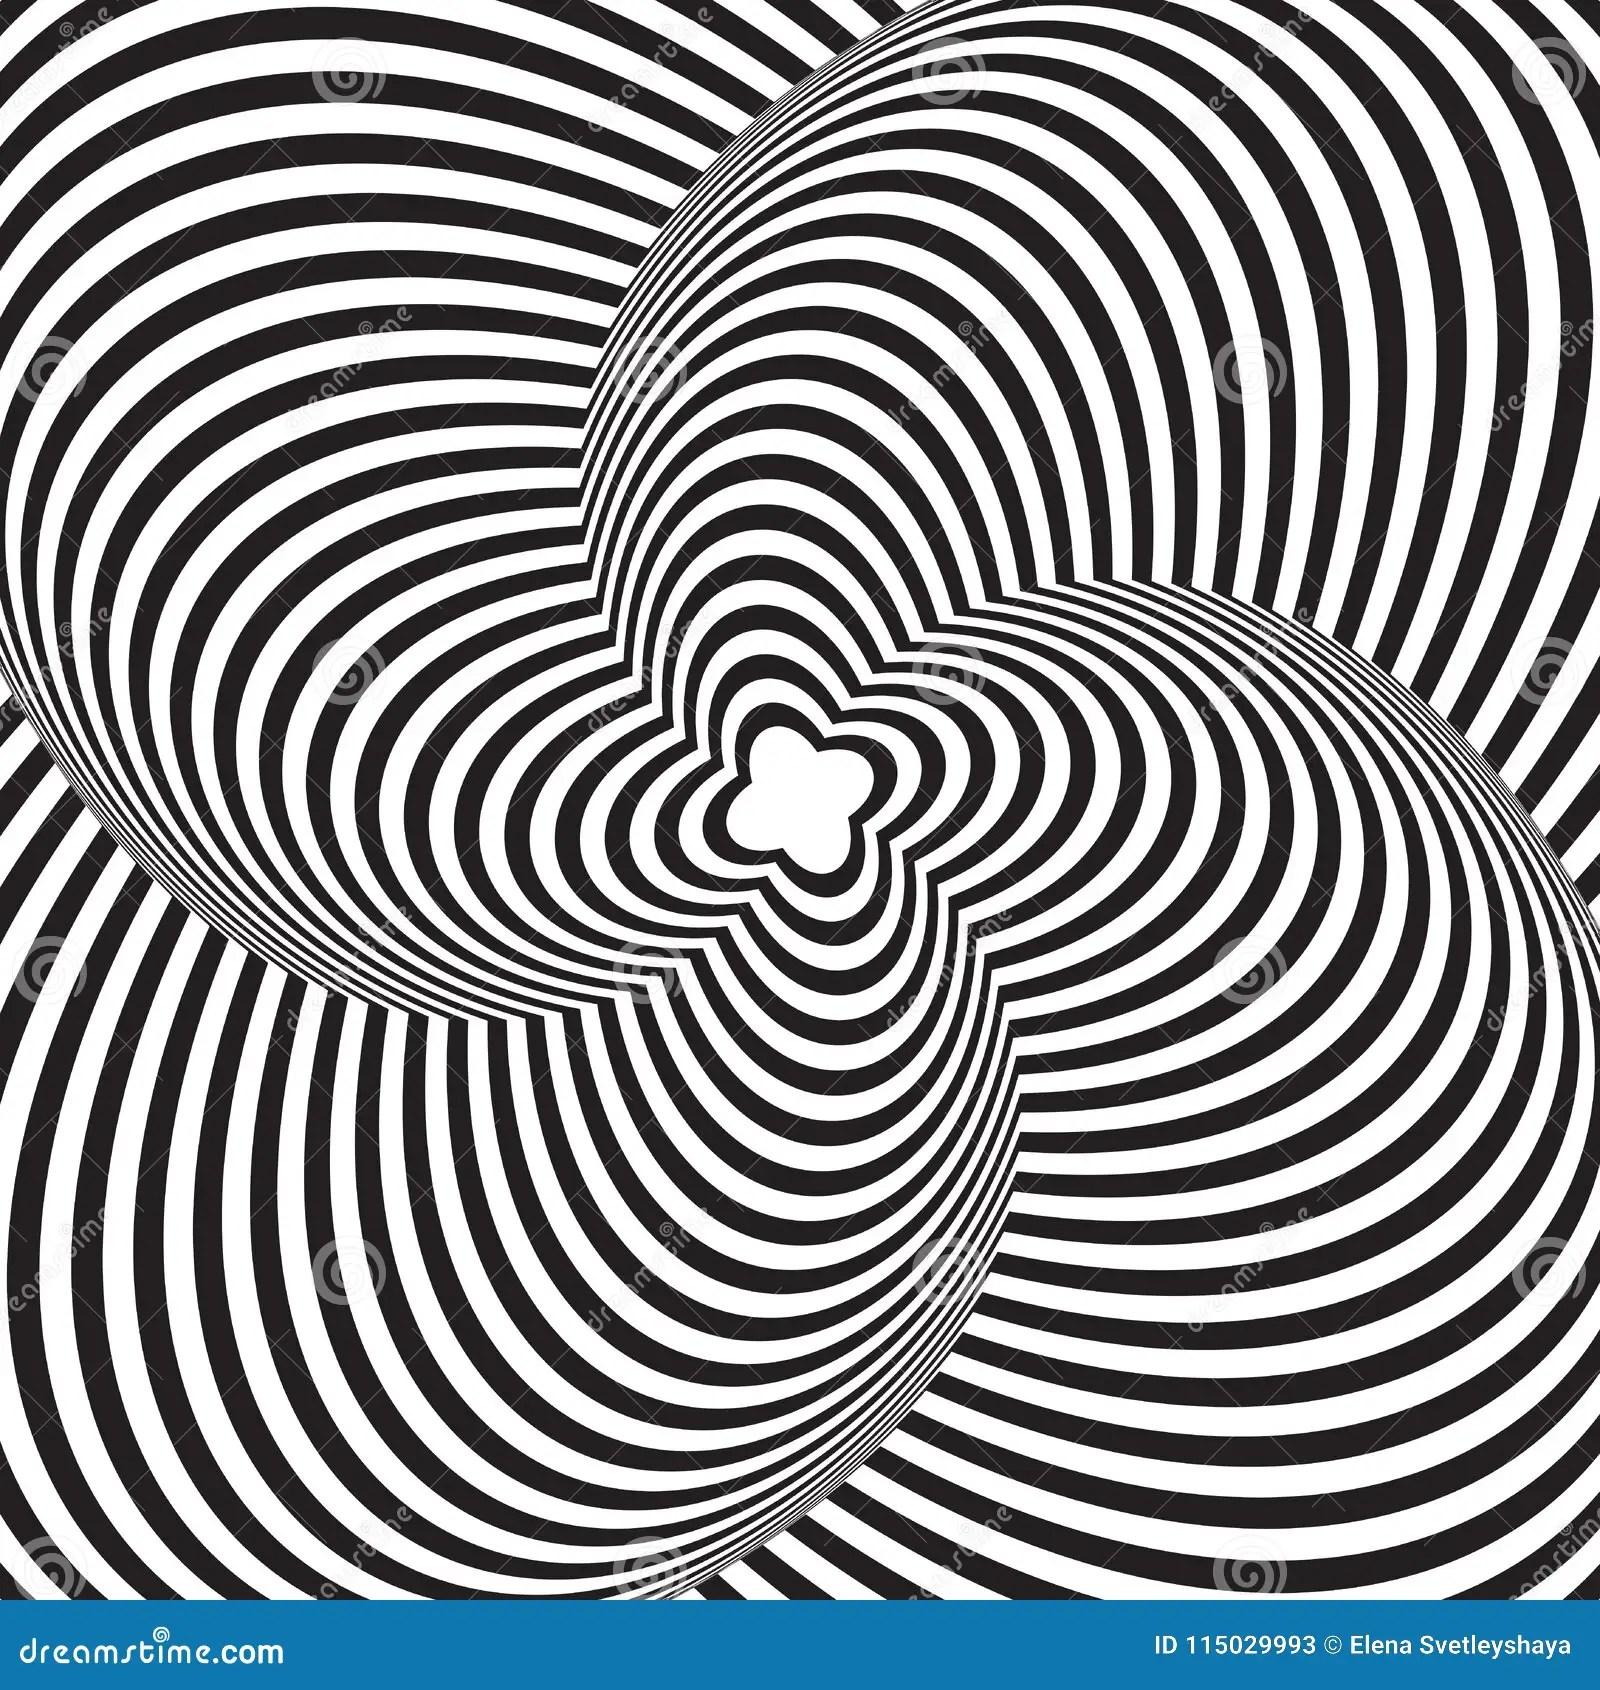 optical art optical illusion